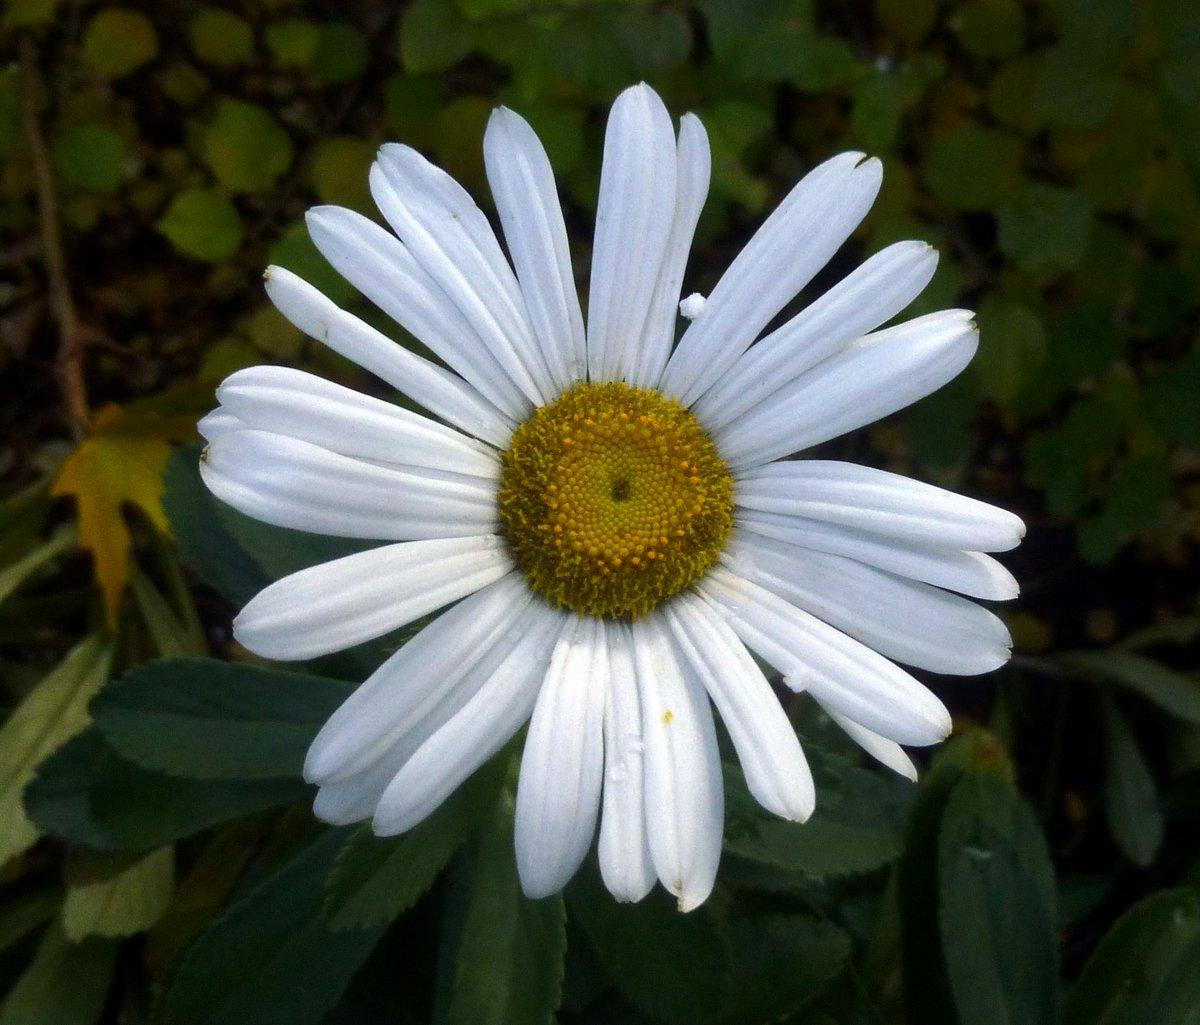 16. Daisy